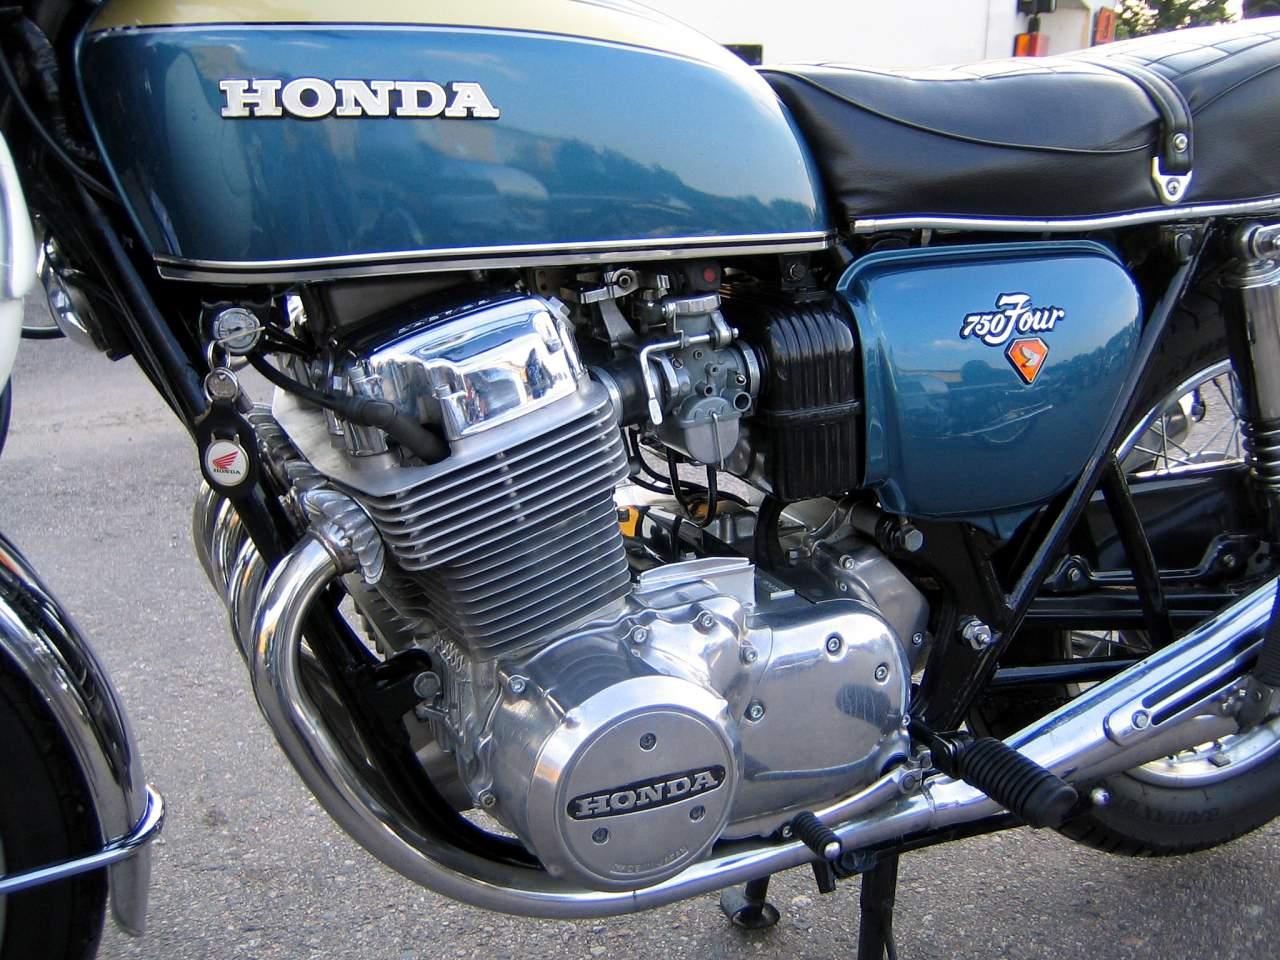 Honda CB750 Engine